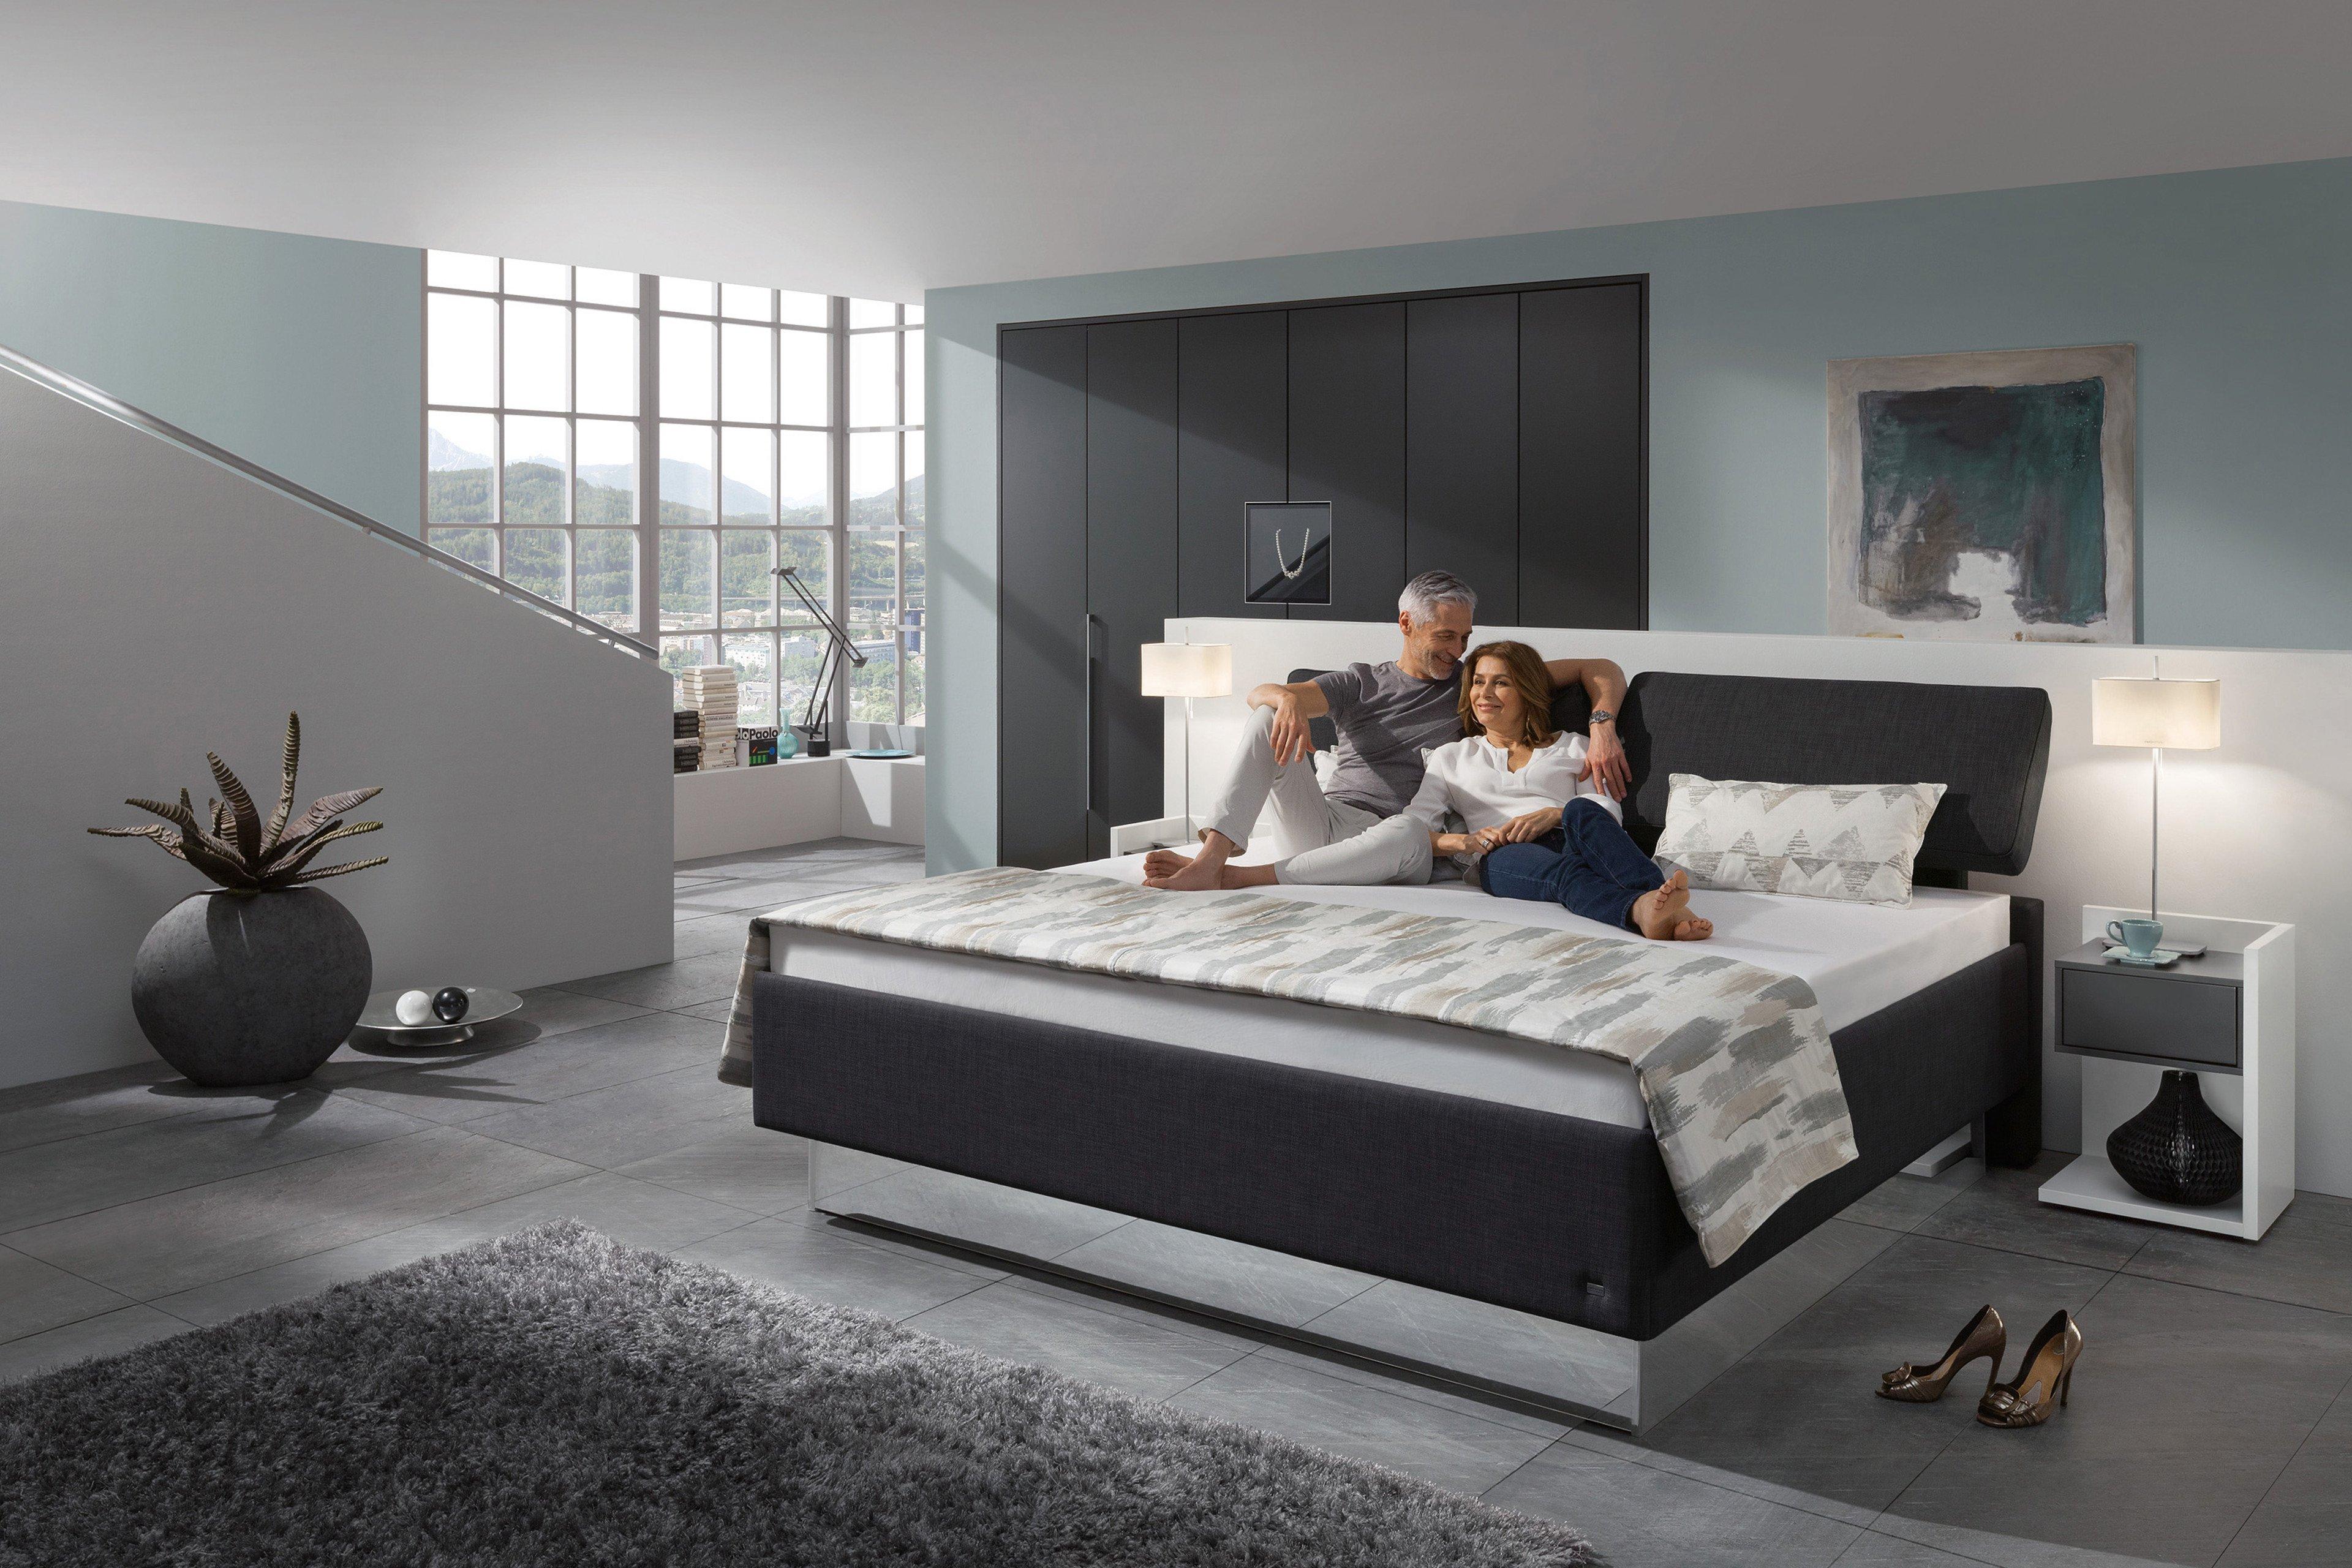 polsterbett von ruf modell composium mit abziehbarem kopfteil m bel letz ihr online shop. Black Bedroom Furniture Sets. Home Design Ideas